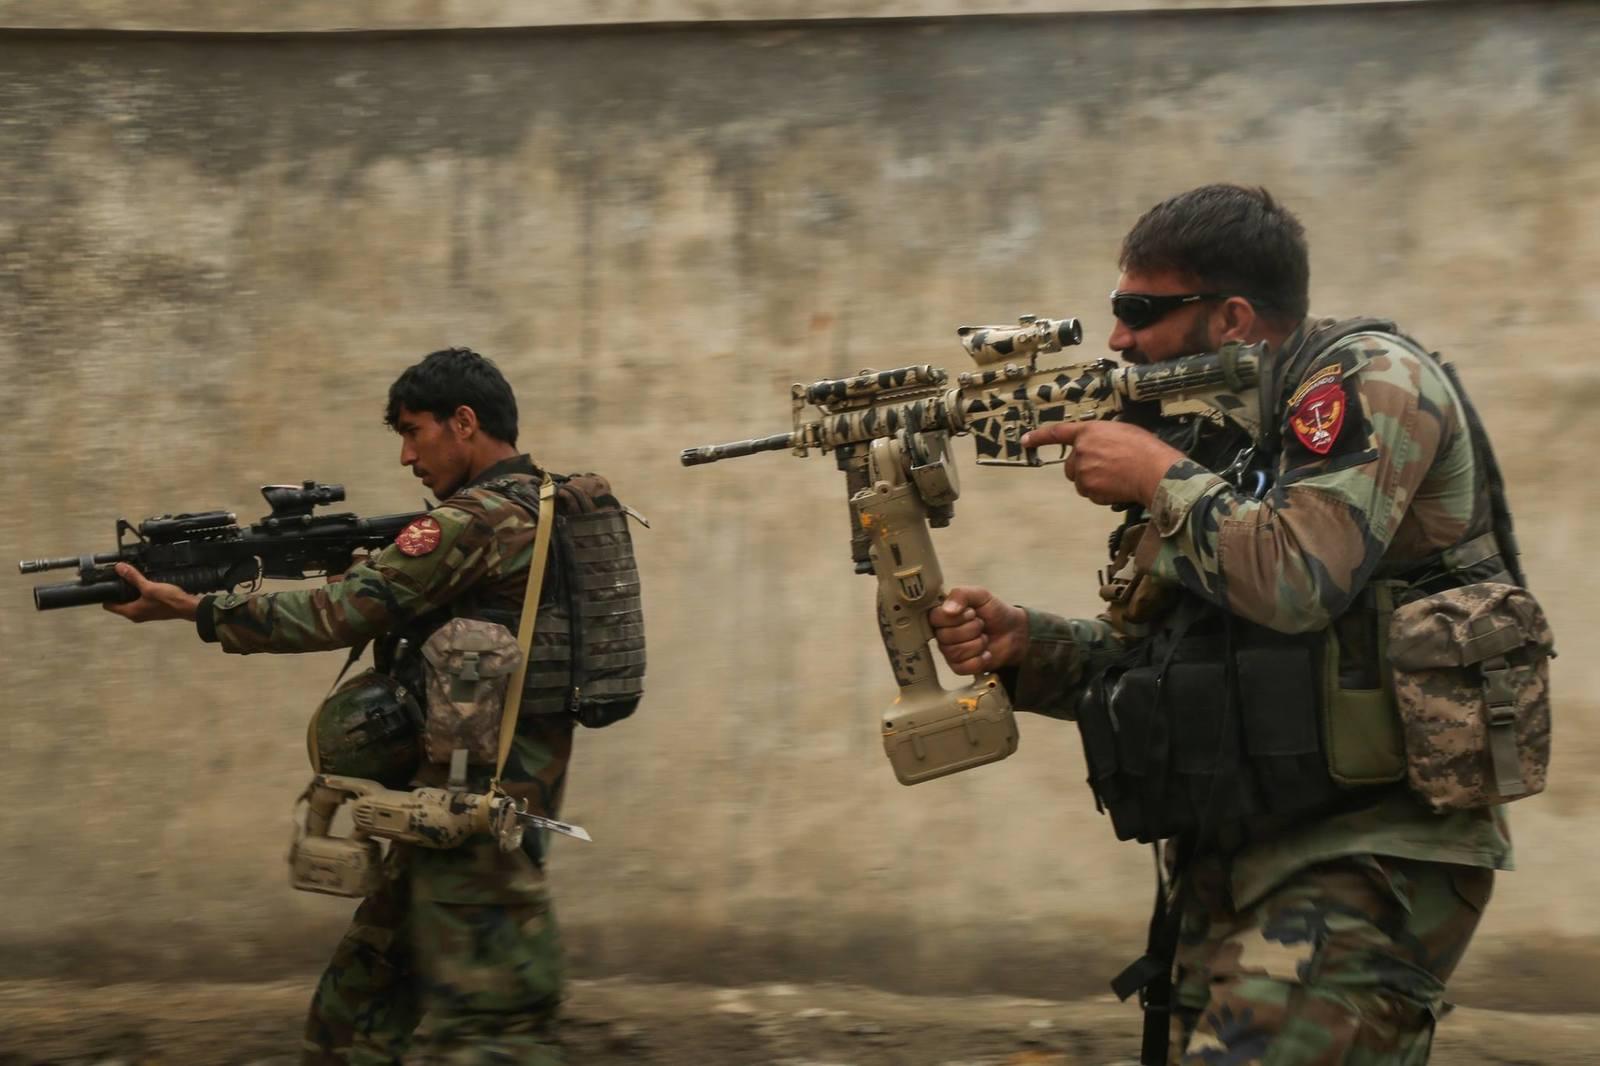 Спецназ ликвидировал базу «Талибан» в Афганистане: 11 боевиков убиты